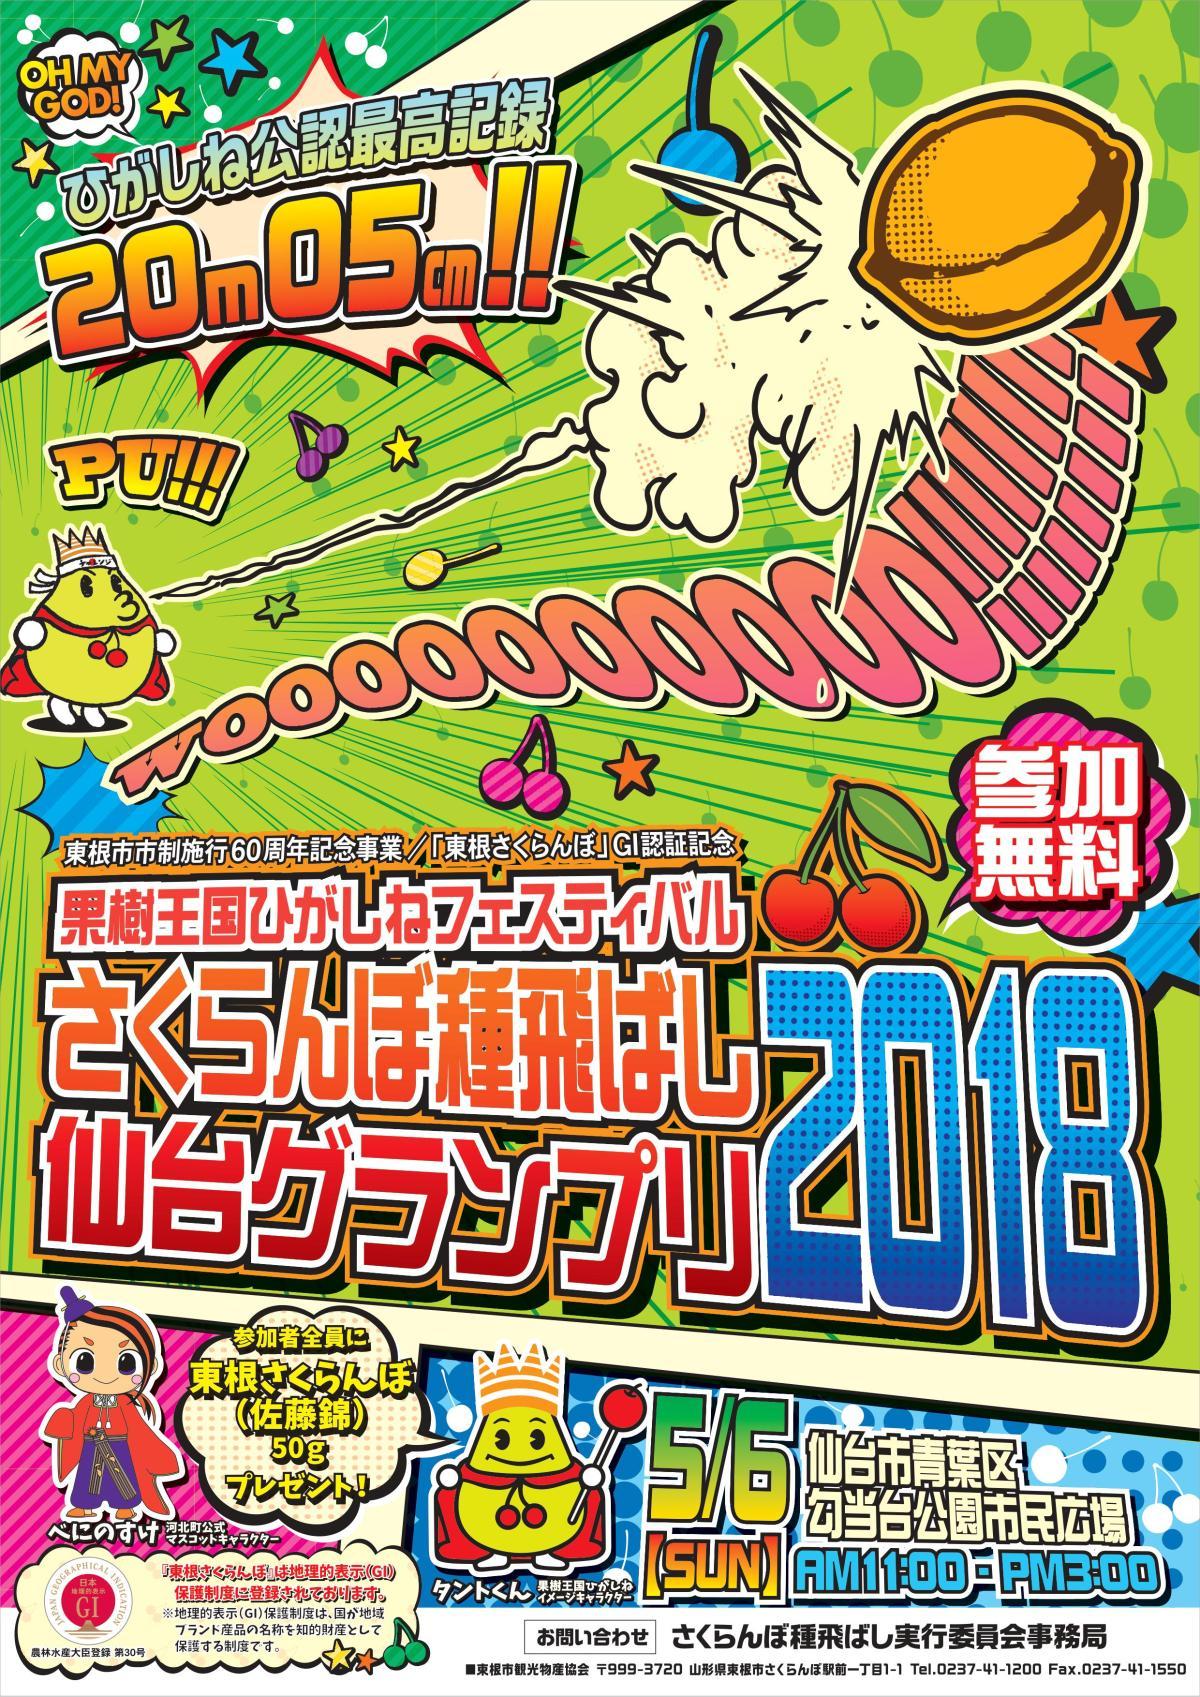 果樹王国ひがしねフェスティバル さくらんぼ種飛ばし仙台グランプリ2018